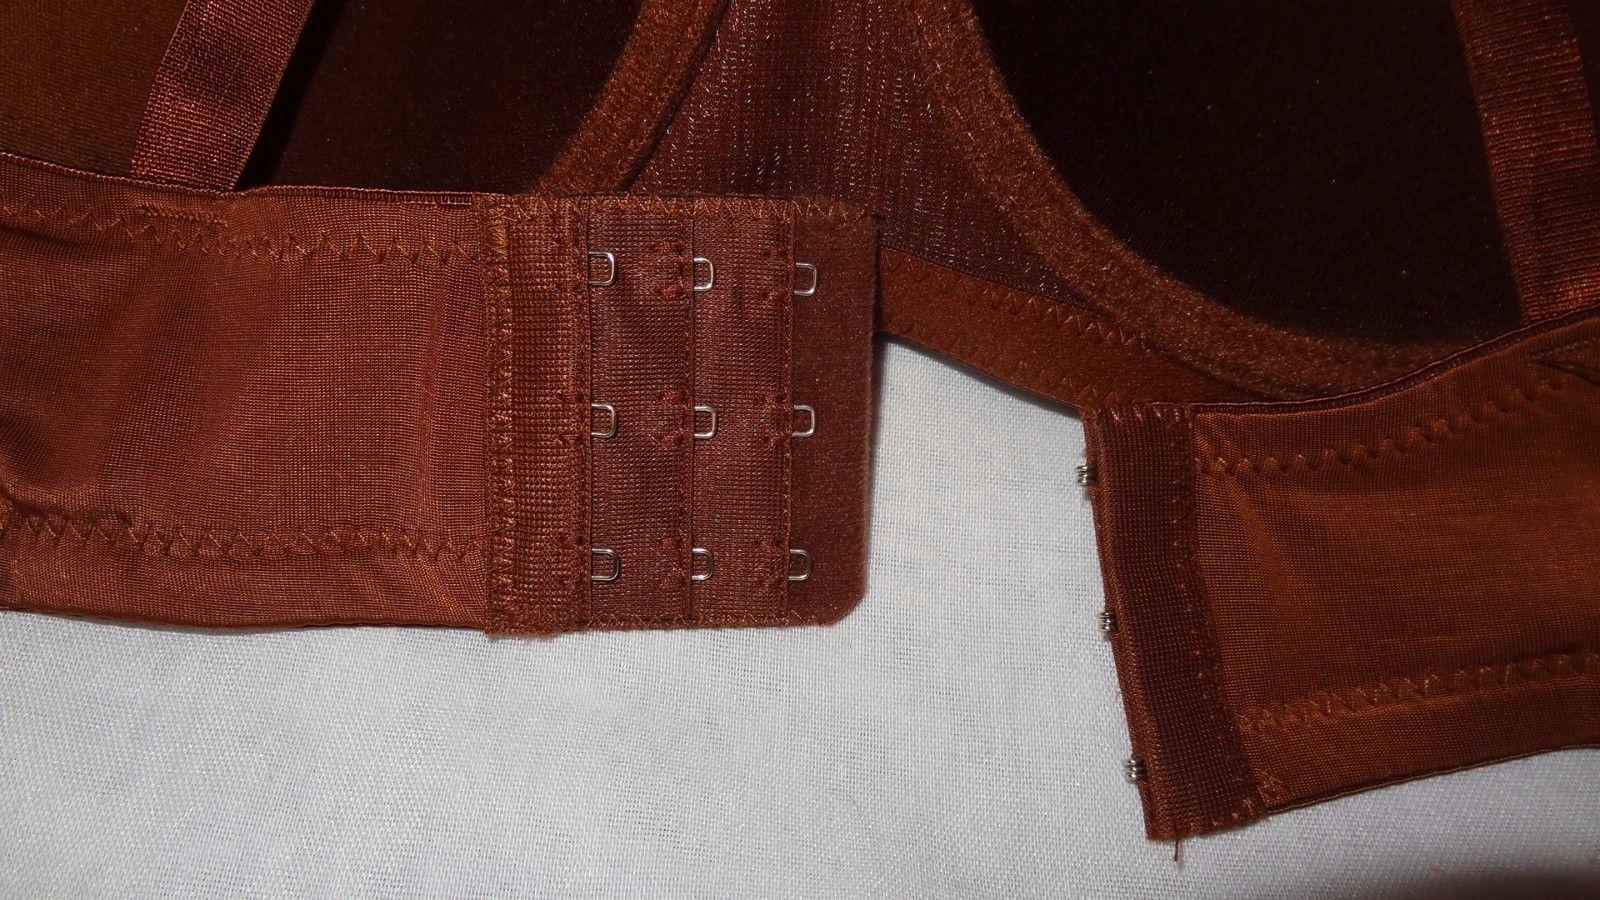 New Bra Color Brown Underwire Size 38D Paris Pink